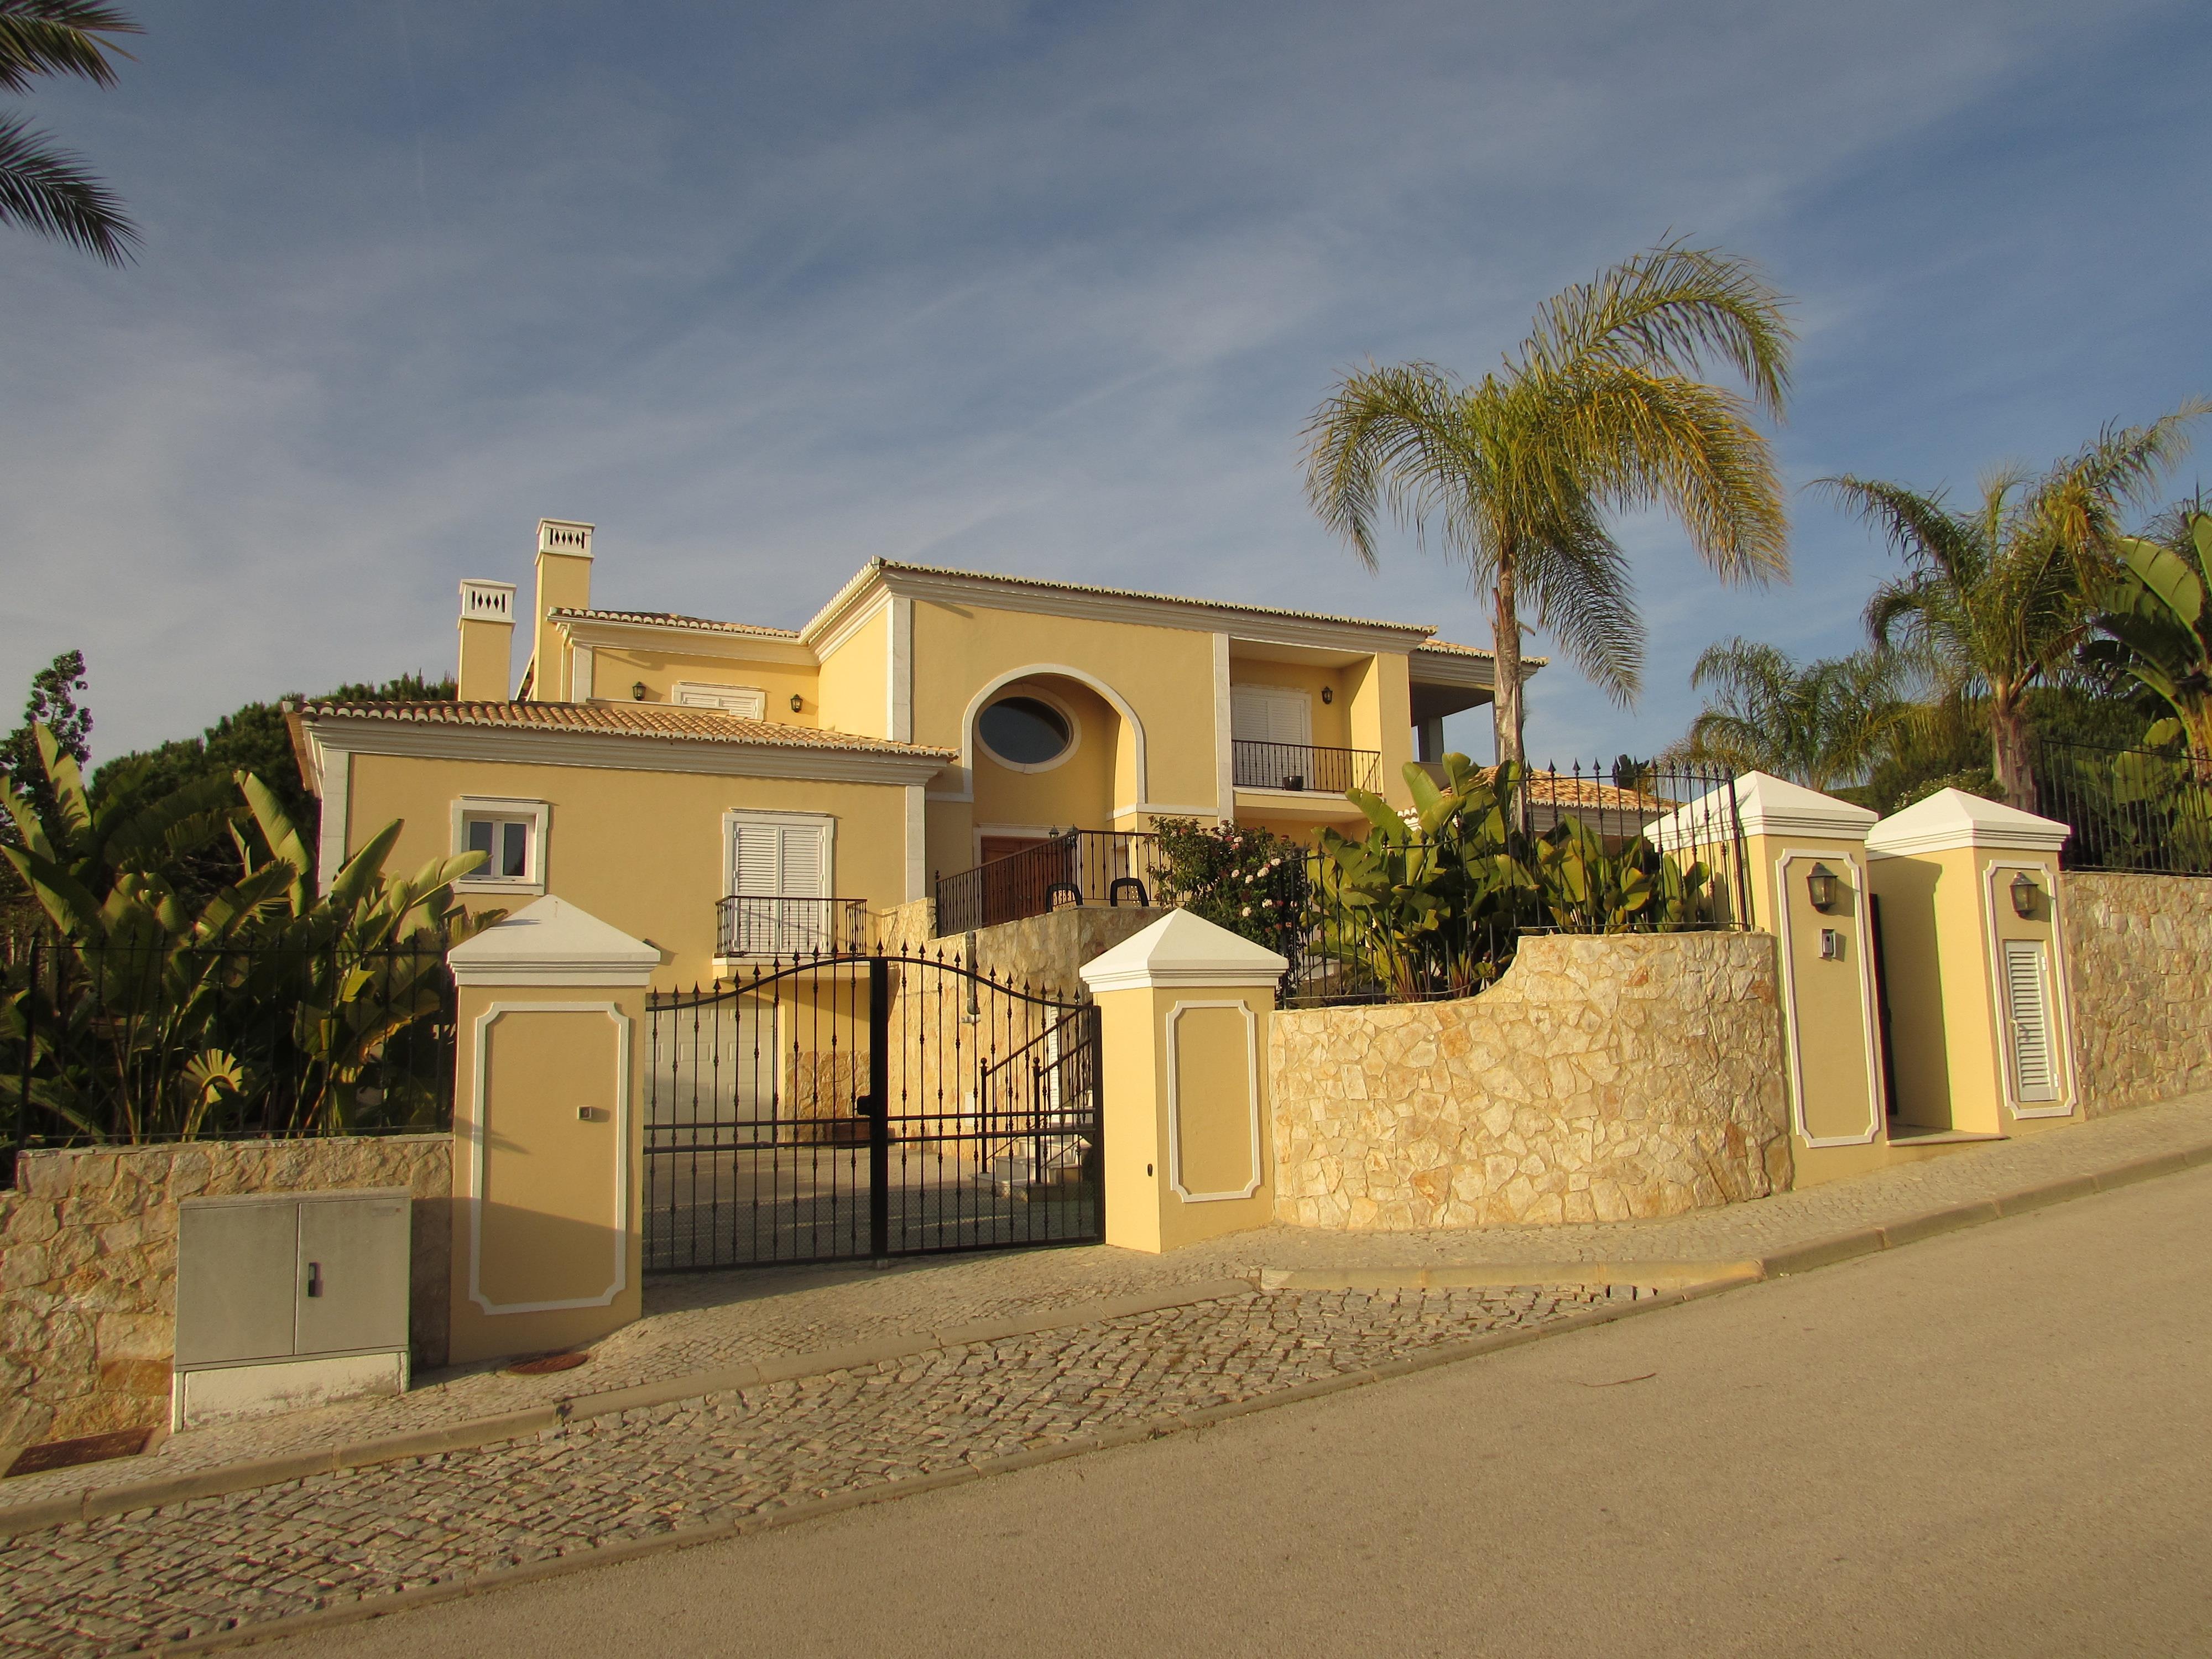 Casa Unifamiliar por un Venta en Detached house, 4 bedrooms, for Sale Loule, Algarve 8135- Portugal